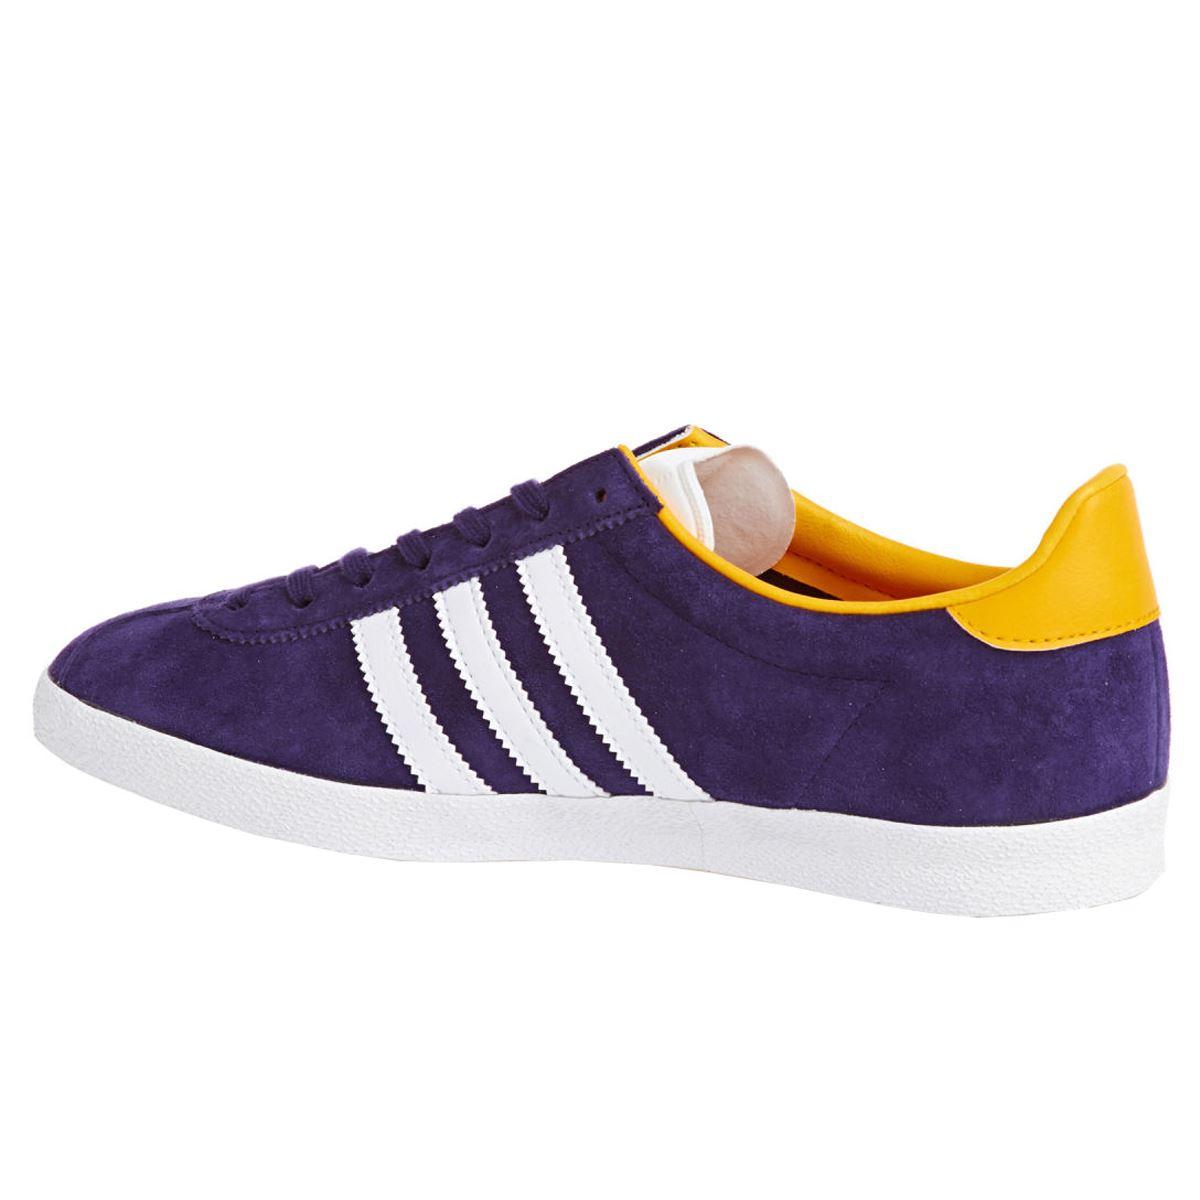 Comprar Adidas Gazelle OG púrpura > off31% descuento